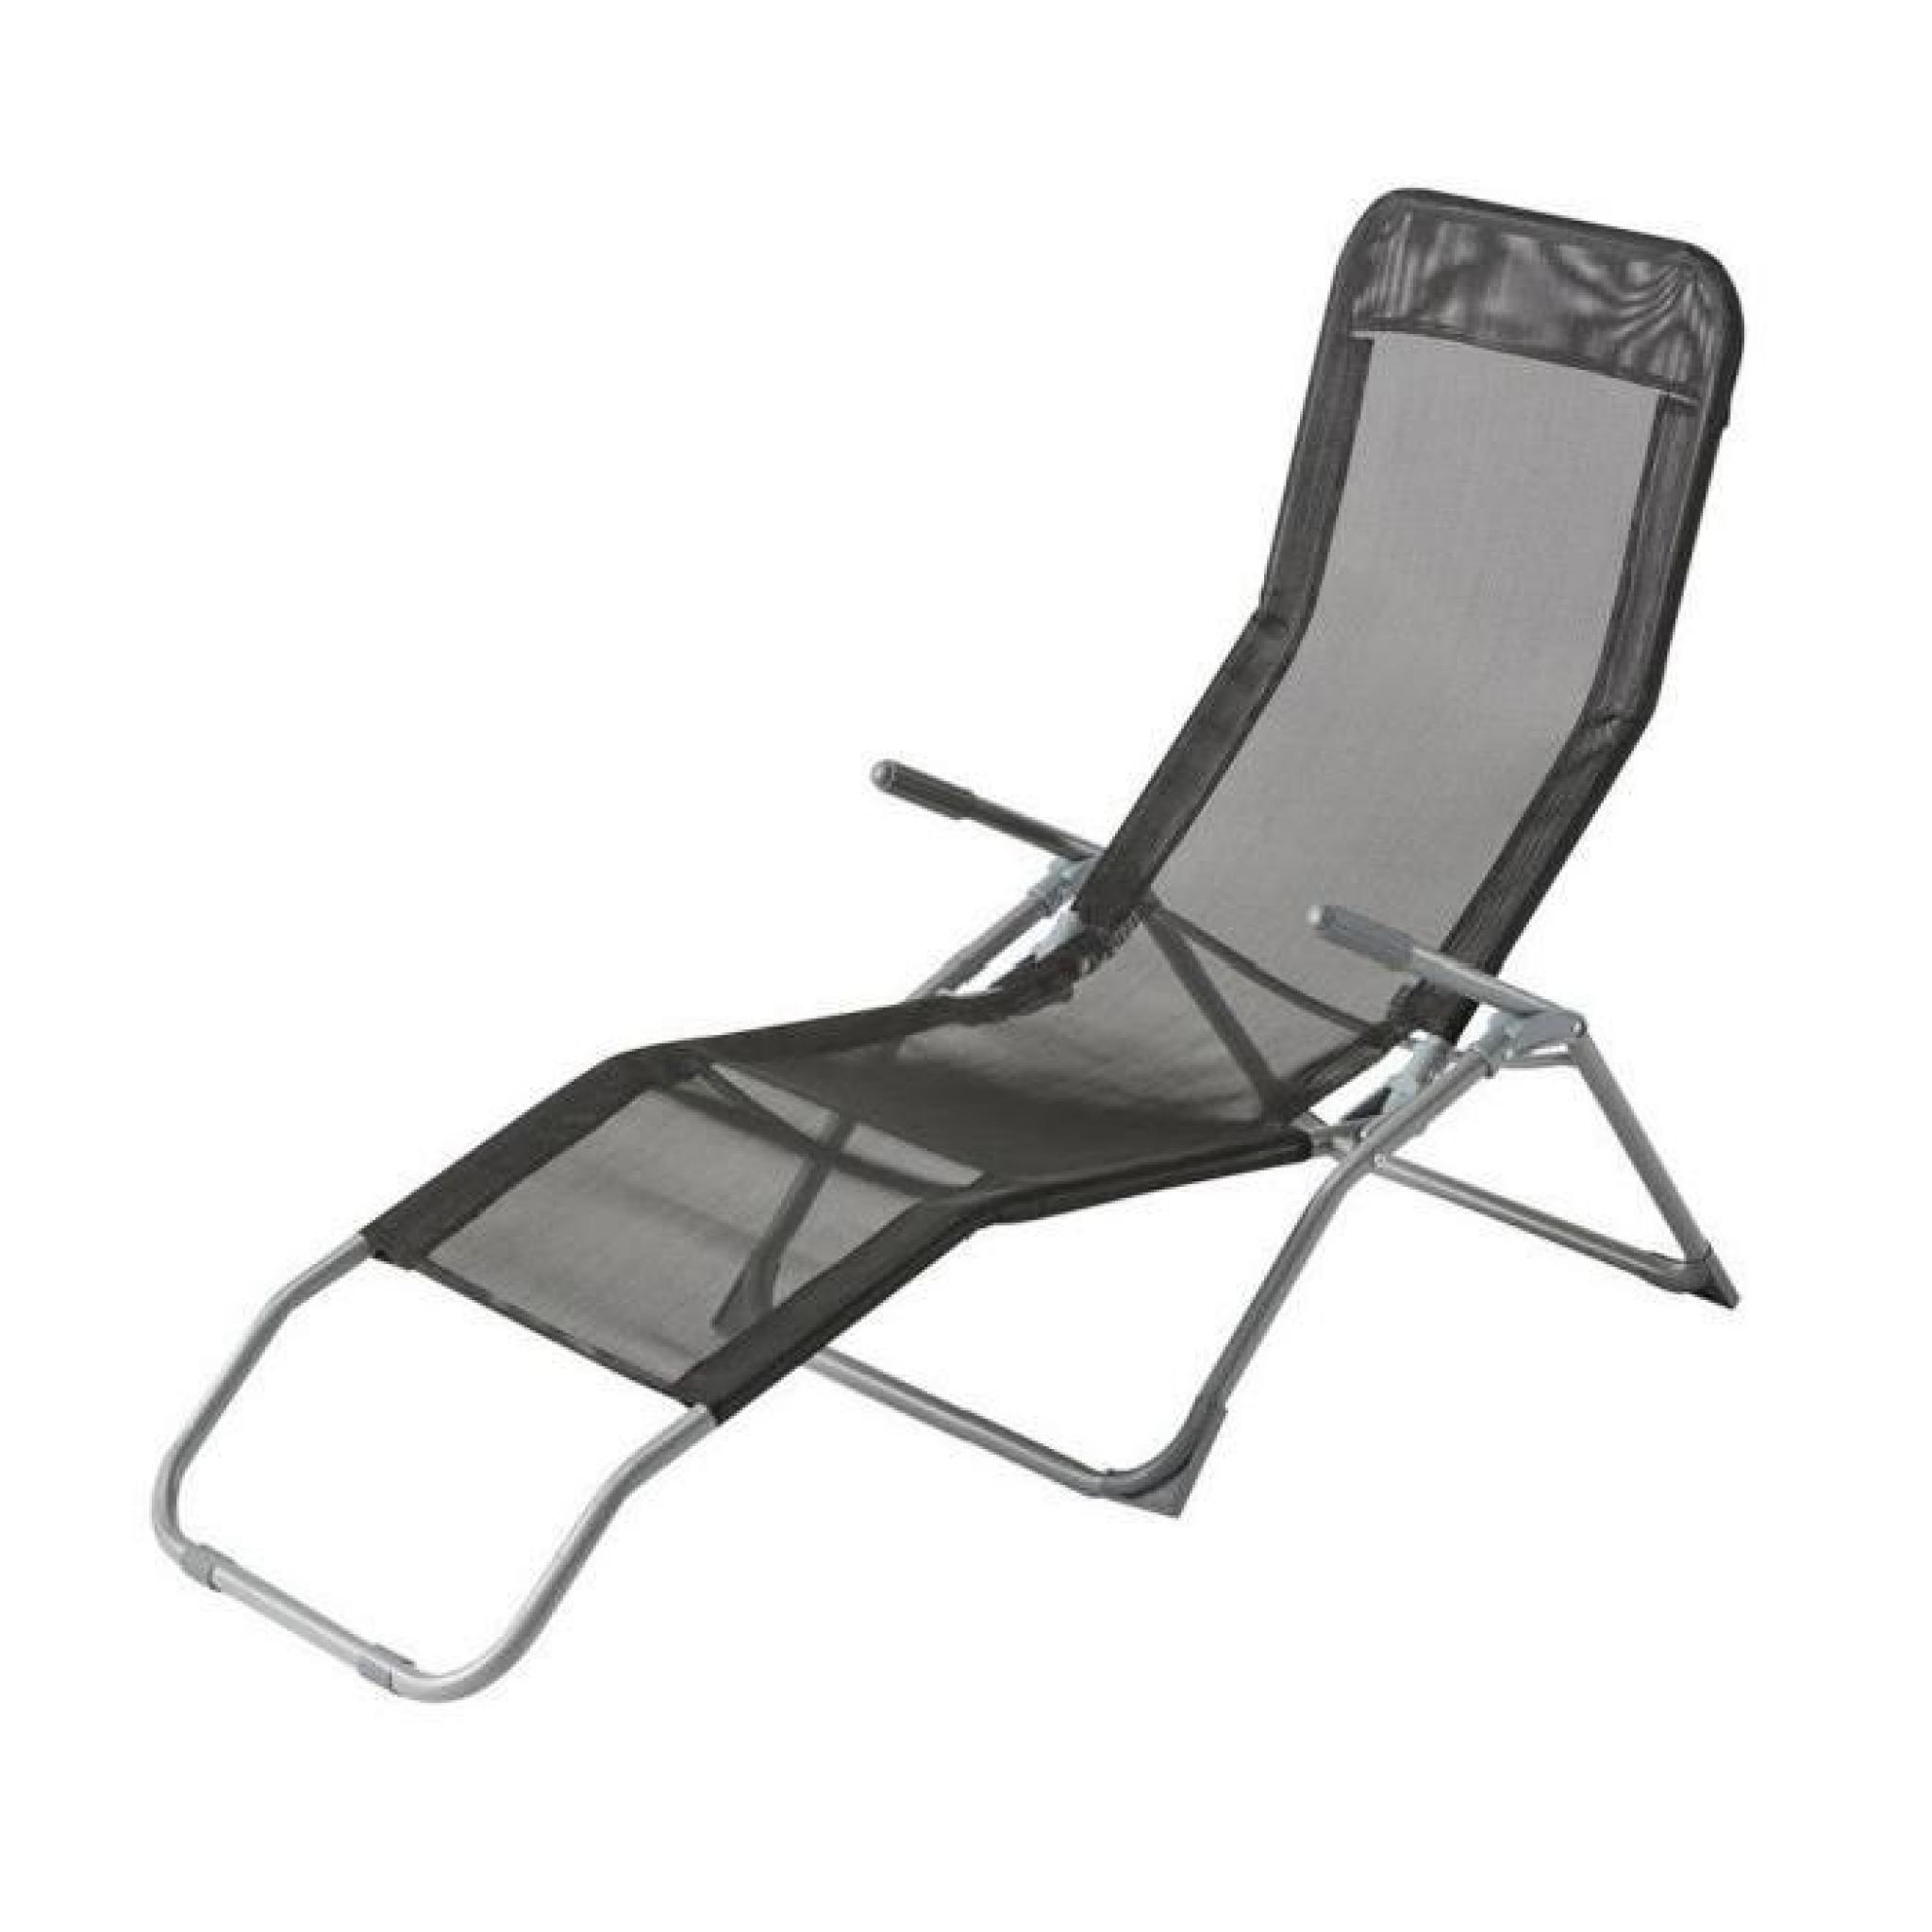 Chaise longue siesta hesperide noir achat vente transat - Chaise longue de jardin pas cher ...